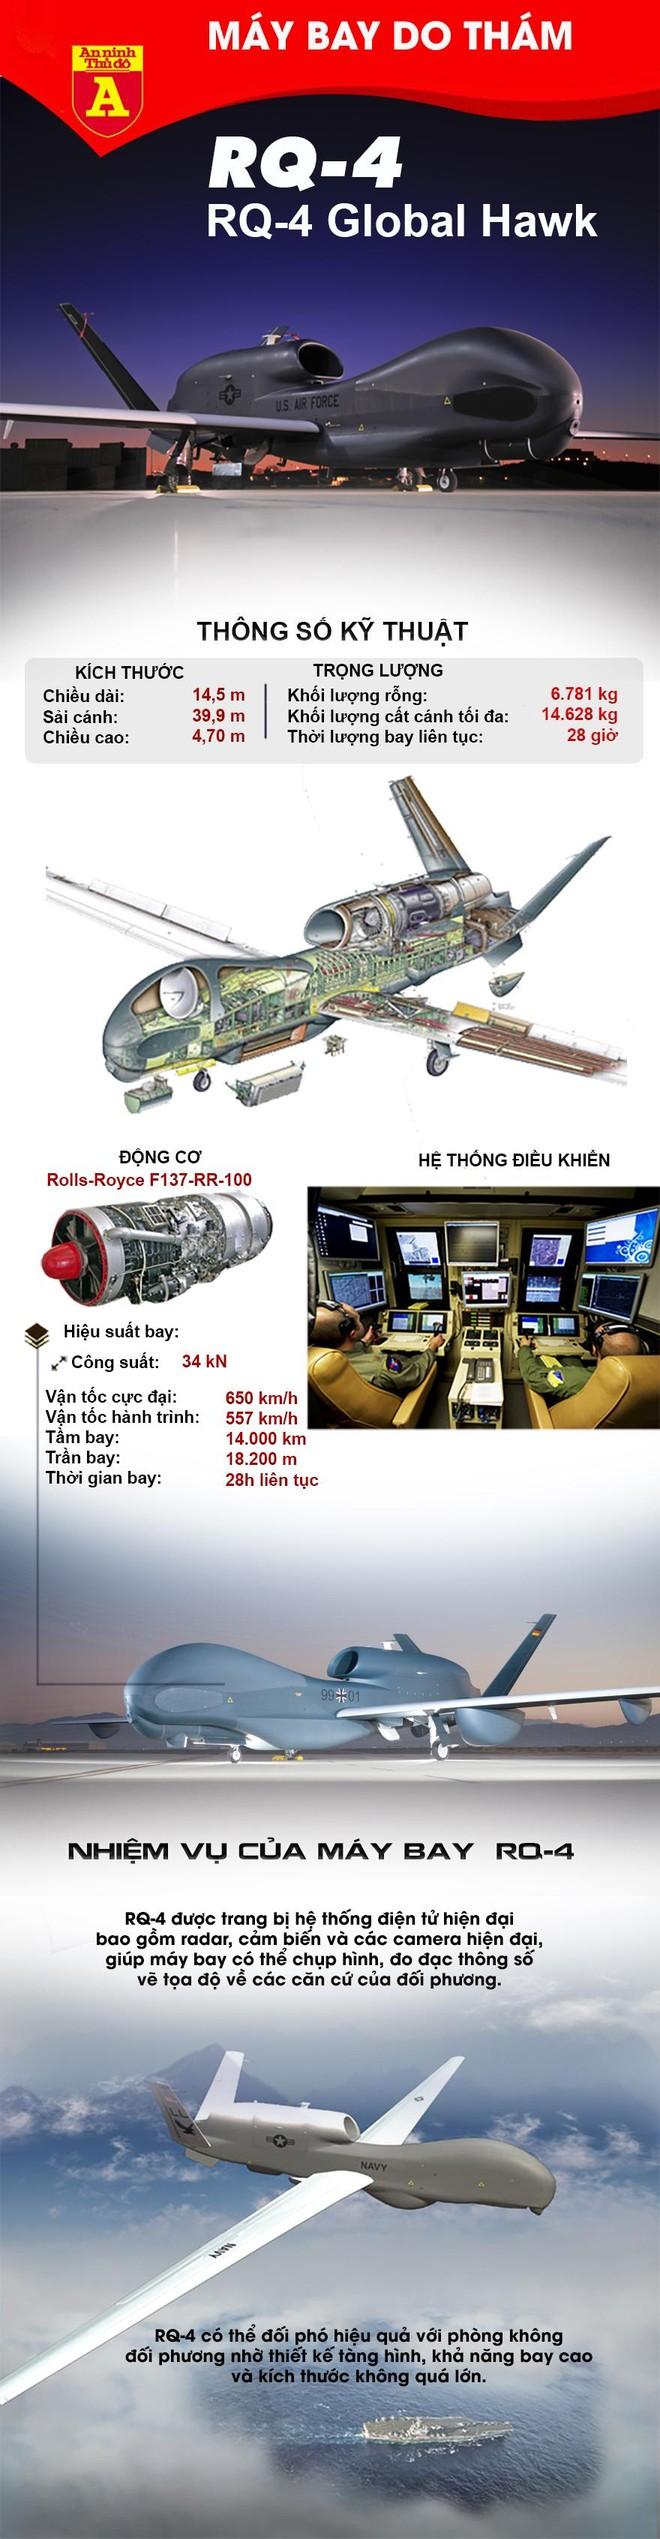 [Info] Mỹ bất ngờ loại biên số lượng lớn 'mắt thần' RQ-4 Global Hawk ảnh 2